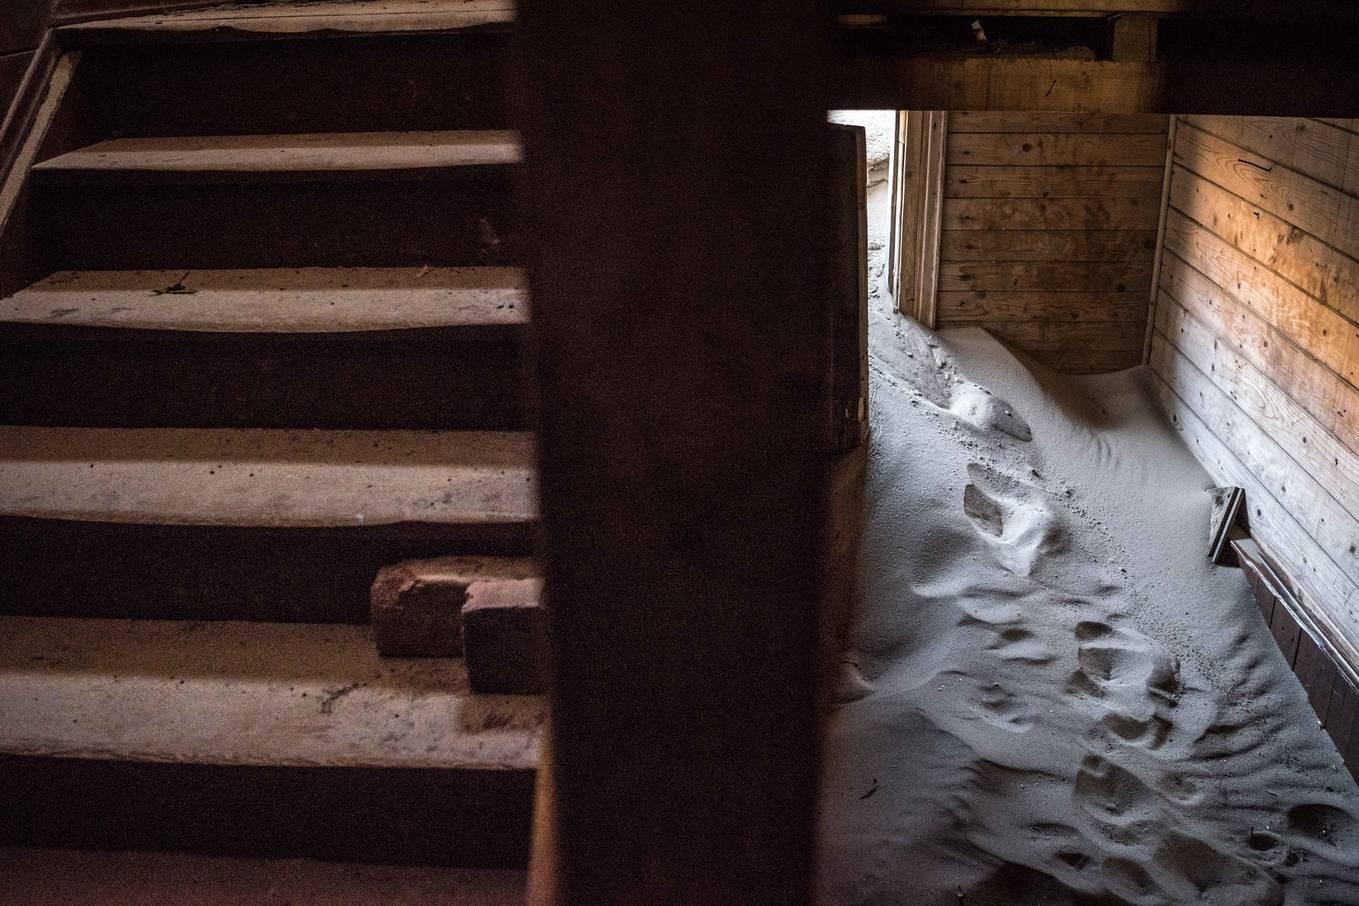 Khám phá ngôi làng Nga biến mất mỗi khi gió to, người dân không ai dám đóng cửa vào ban đêm - Ảnh 3.